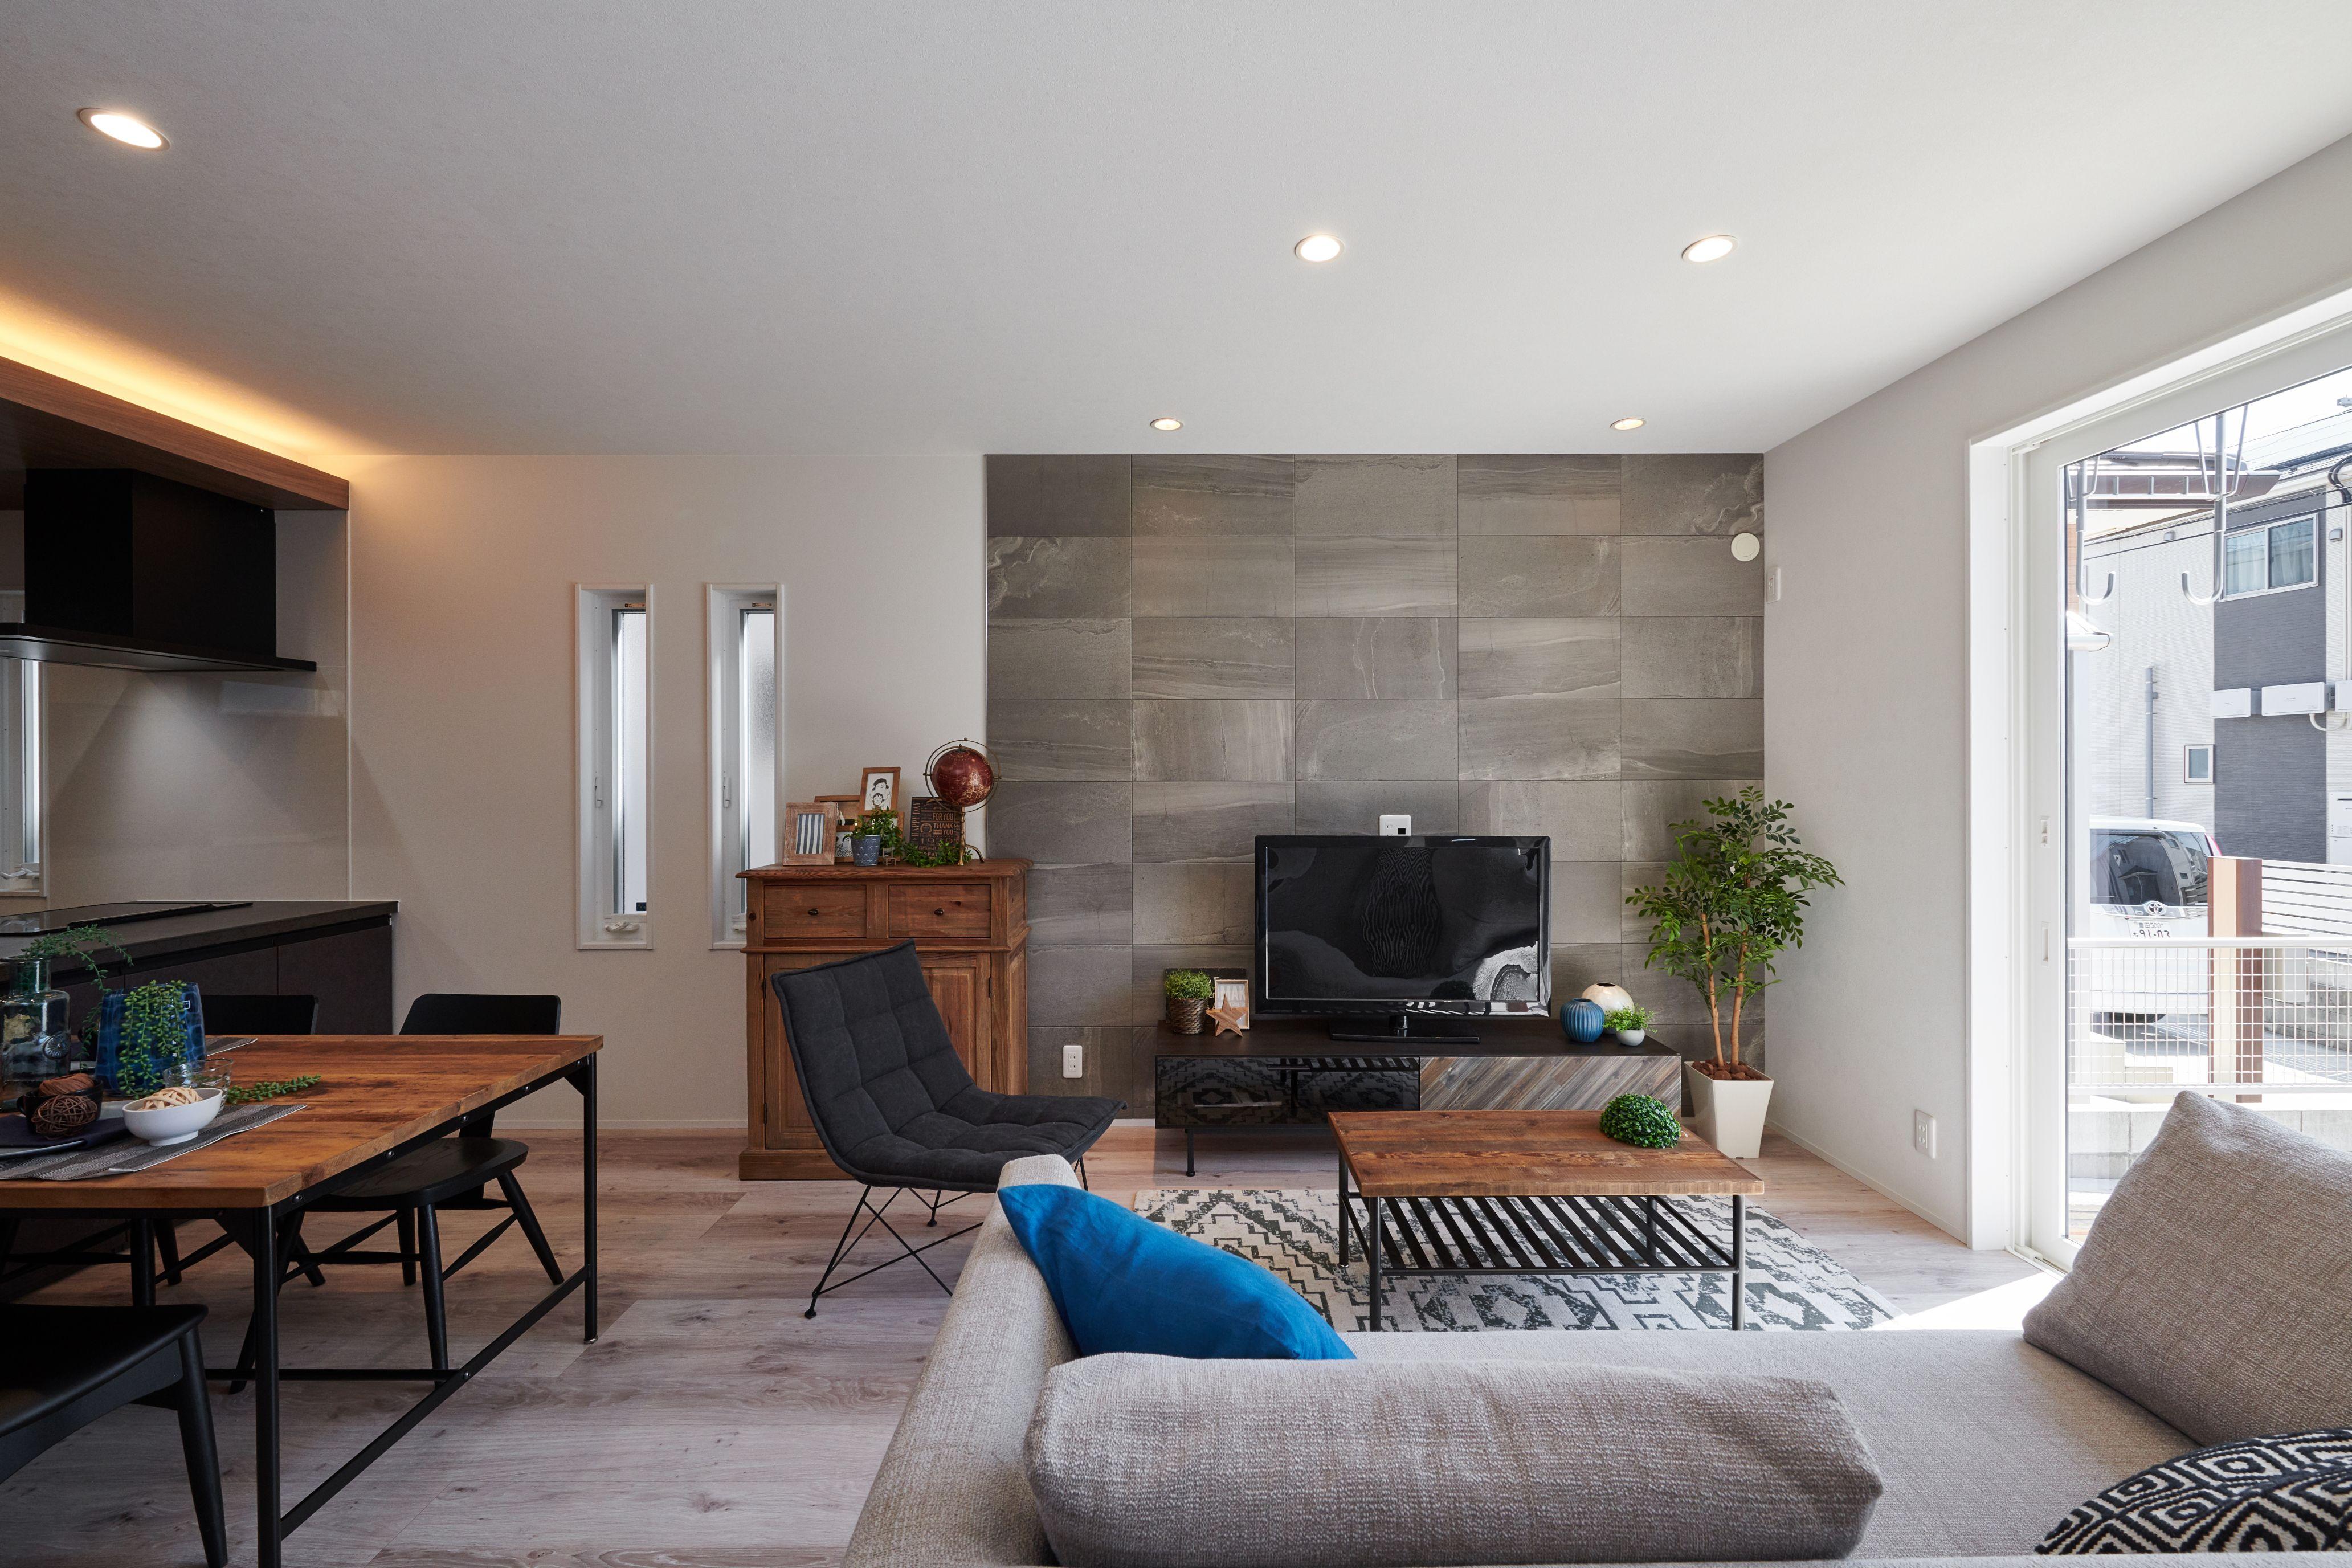 WAKO/和光地所【インテリア、デザイン住宅、子育て】LDKは重厚感のあるエコカラットと存在感のあるキッチンが空間を彩る